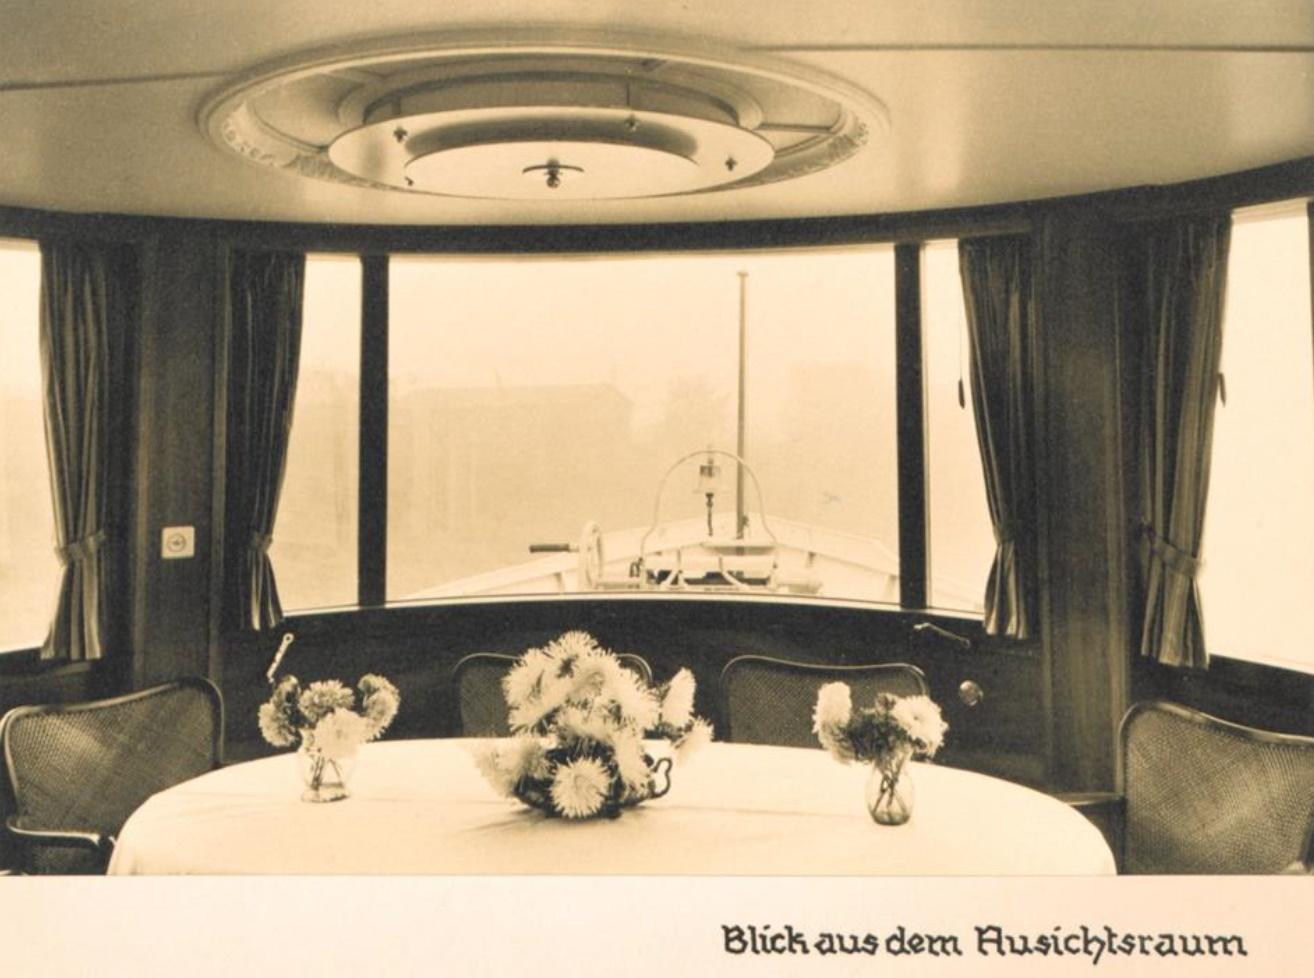 Das Rheinschiff Hansestadt Köln 1938 - Blick aus dem Aussichtsraum